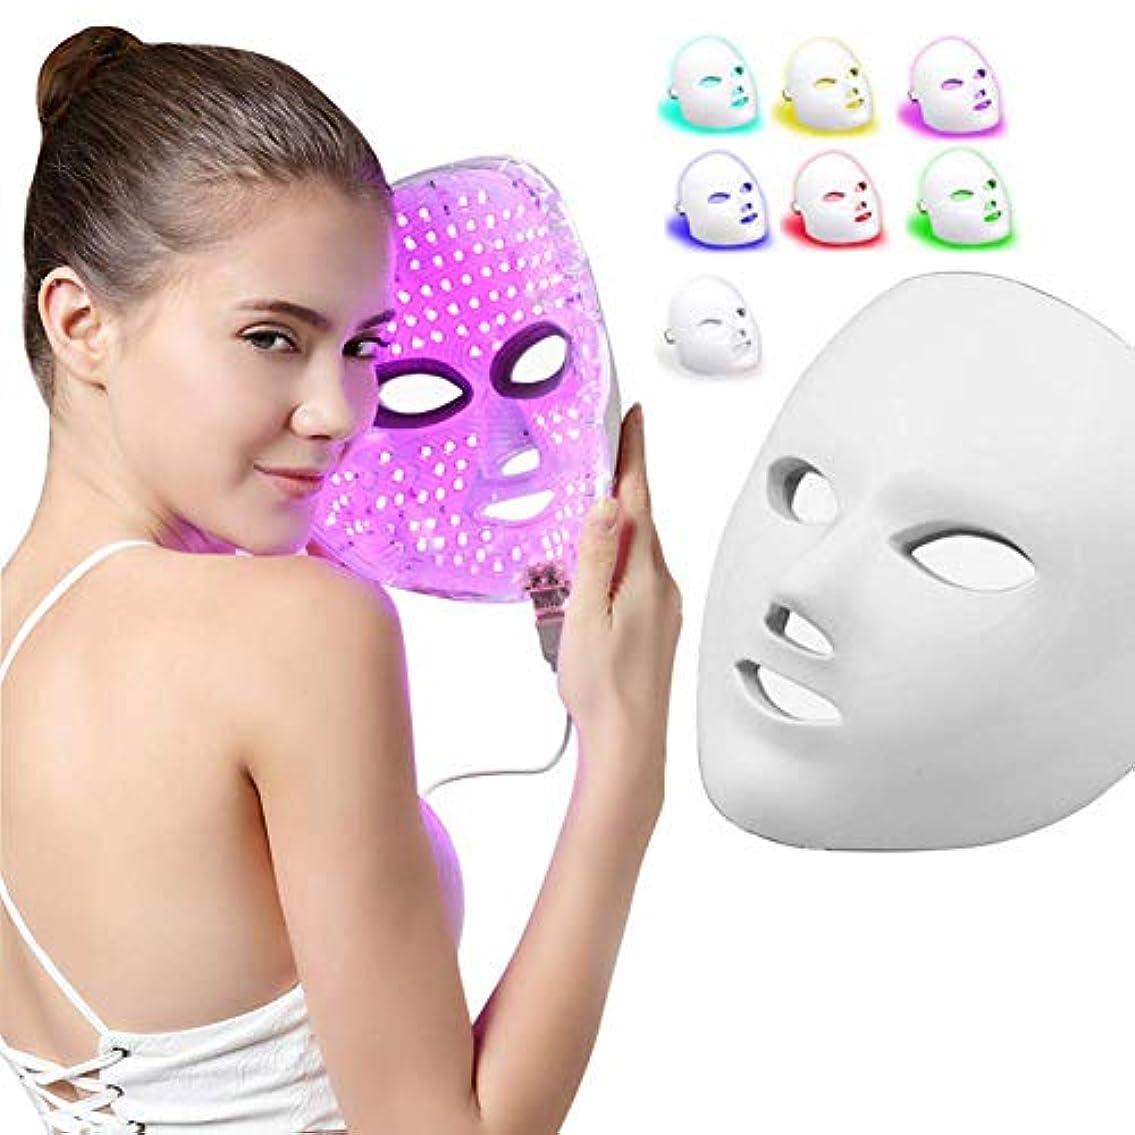 スピーカーキャビンとげライトセラピーマスク、7色フォトンフェイスマスクマシンマスクビューティープロアクティブスキンケアアンチエイジングファーミングスキン改善ファインライン